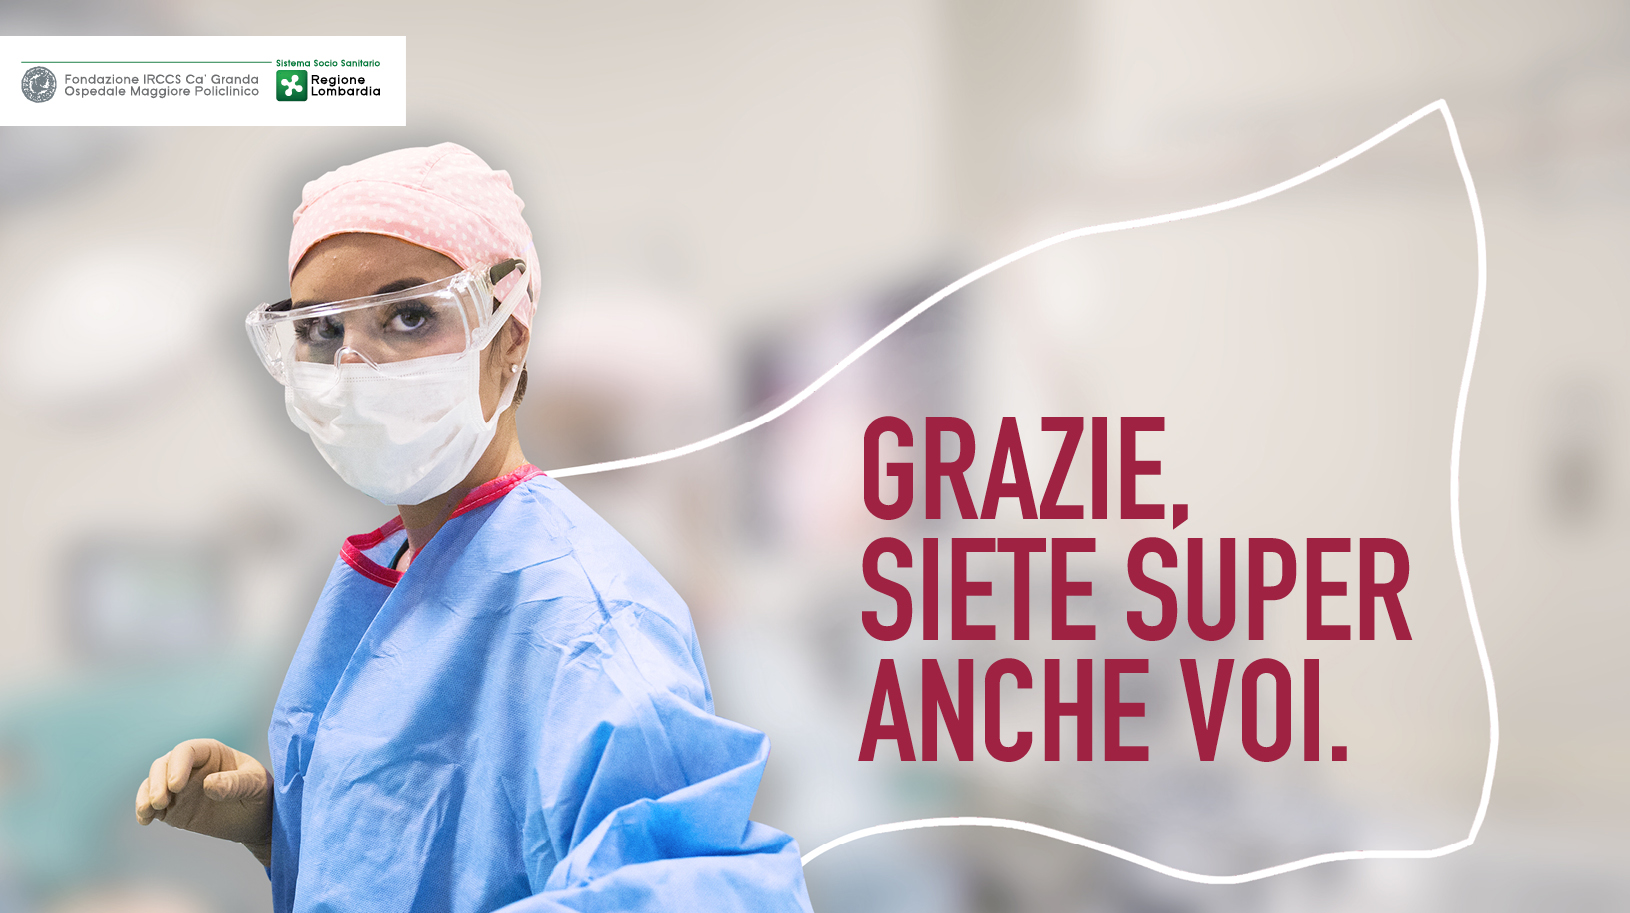 you are super policlinico di milano